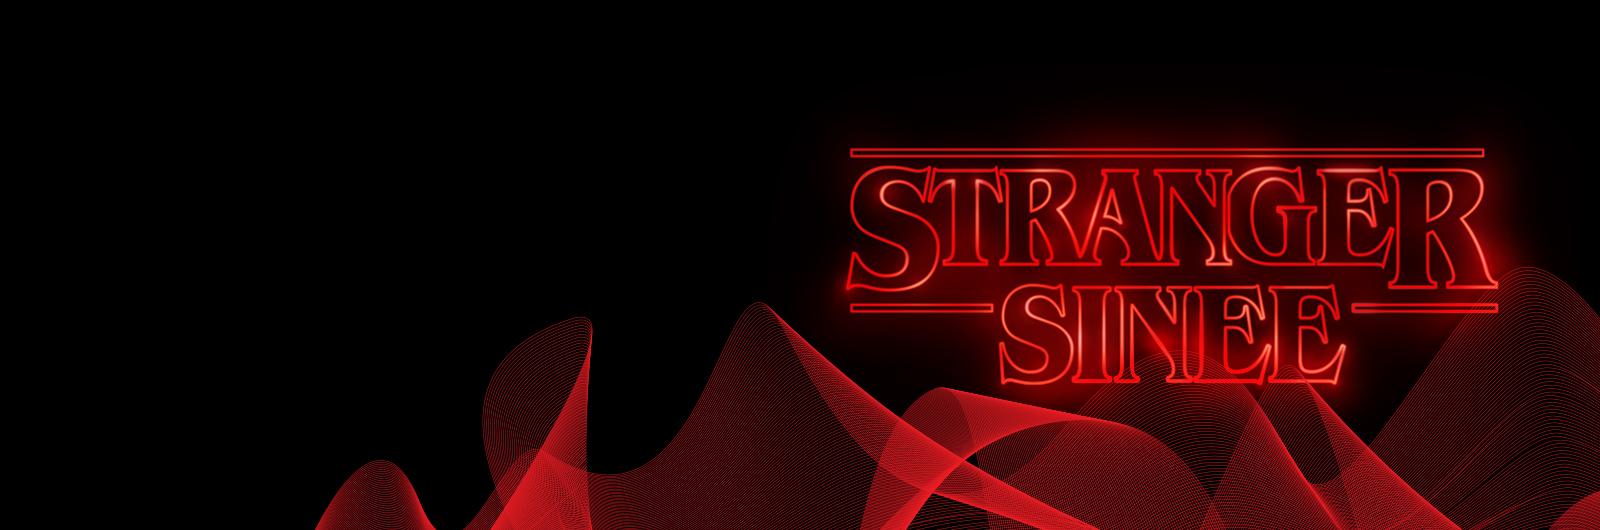 Header-Stranger-Sinee-2